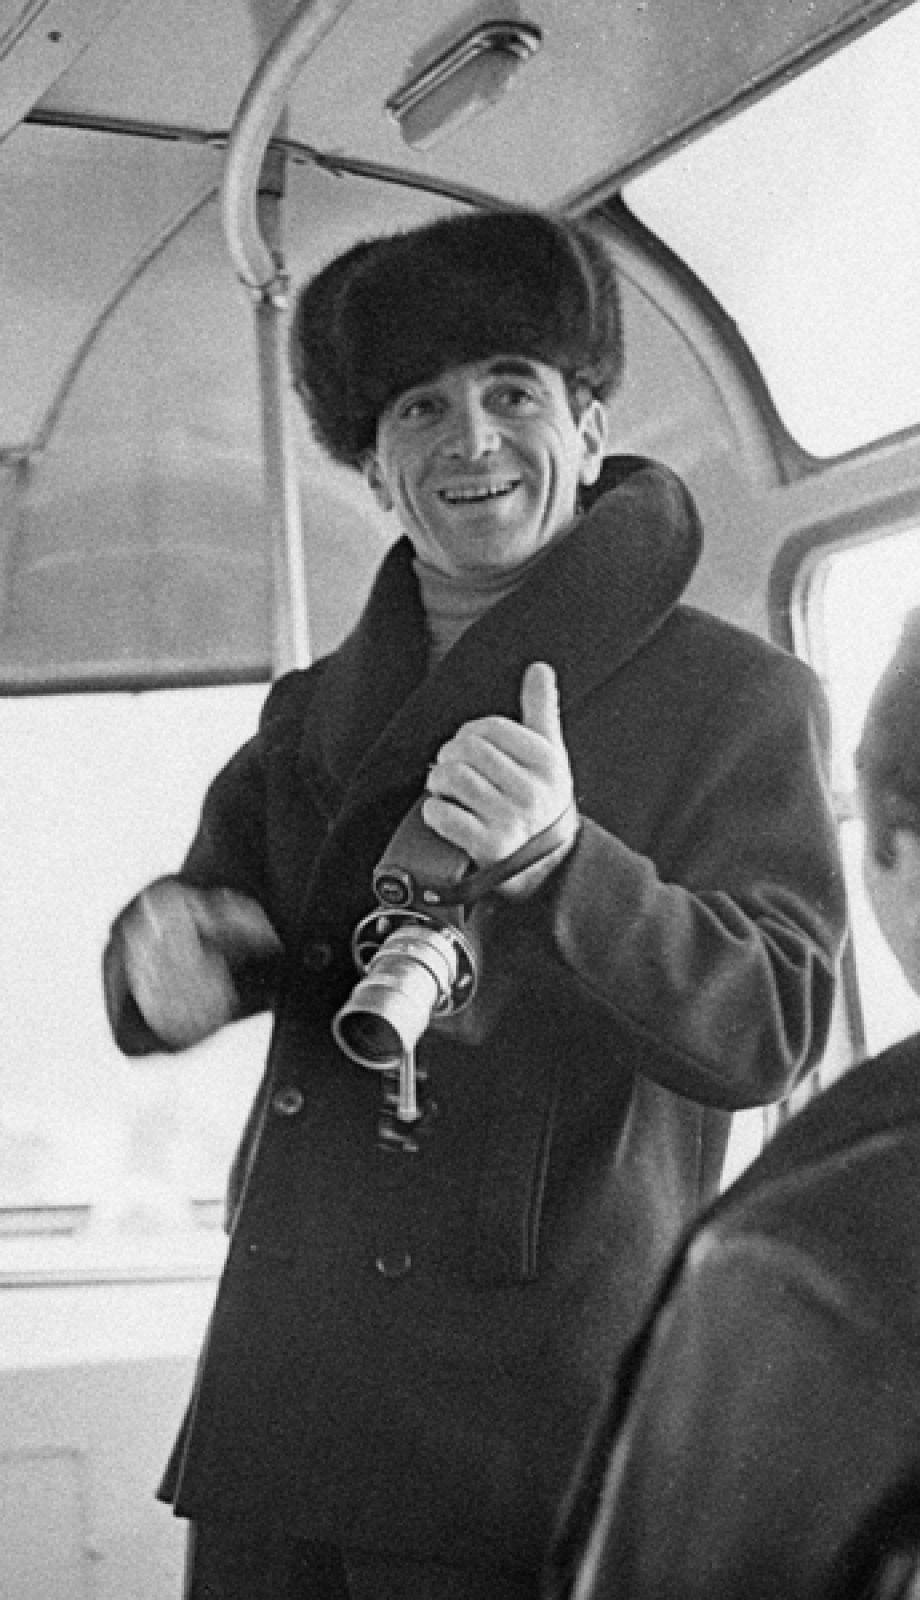 Артист Шарль Азнавур на прогулке в автобусе. Первые гастроли музыканта в СССР. 1964 год.